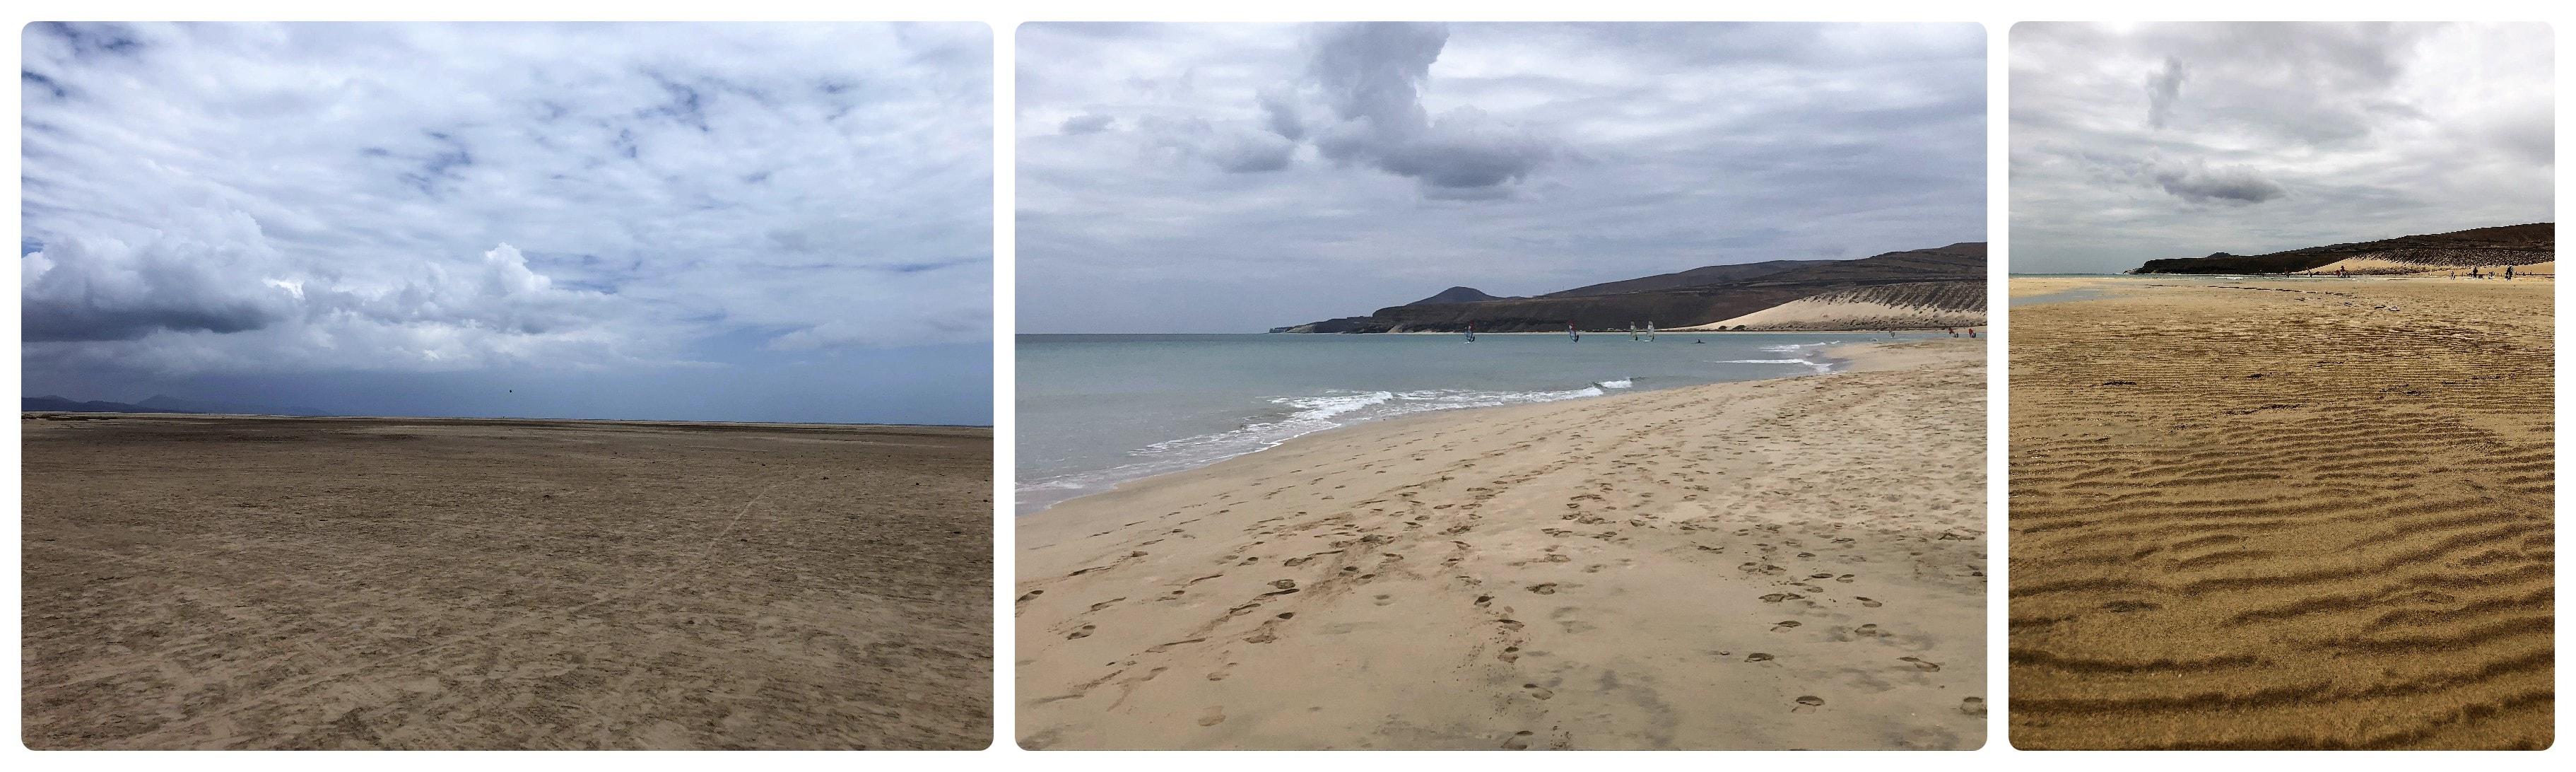 Sotavento Beach zum Kitesurfen-min